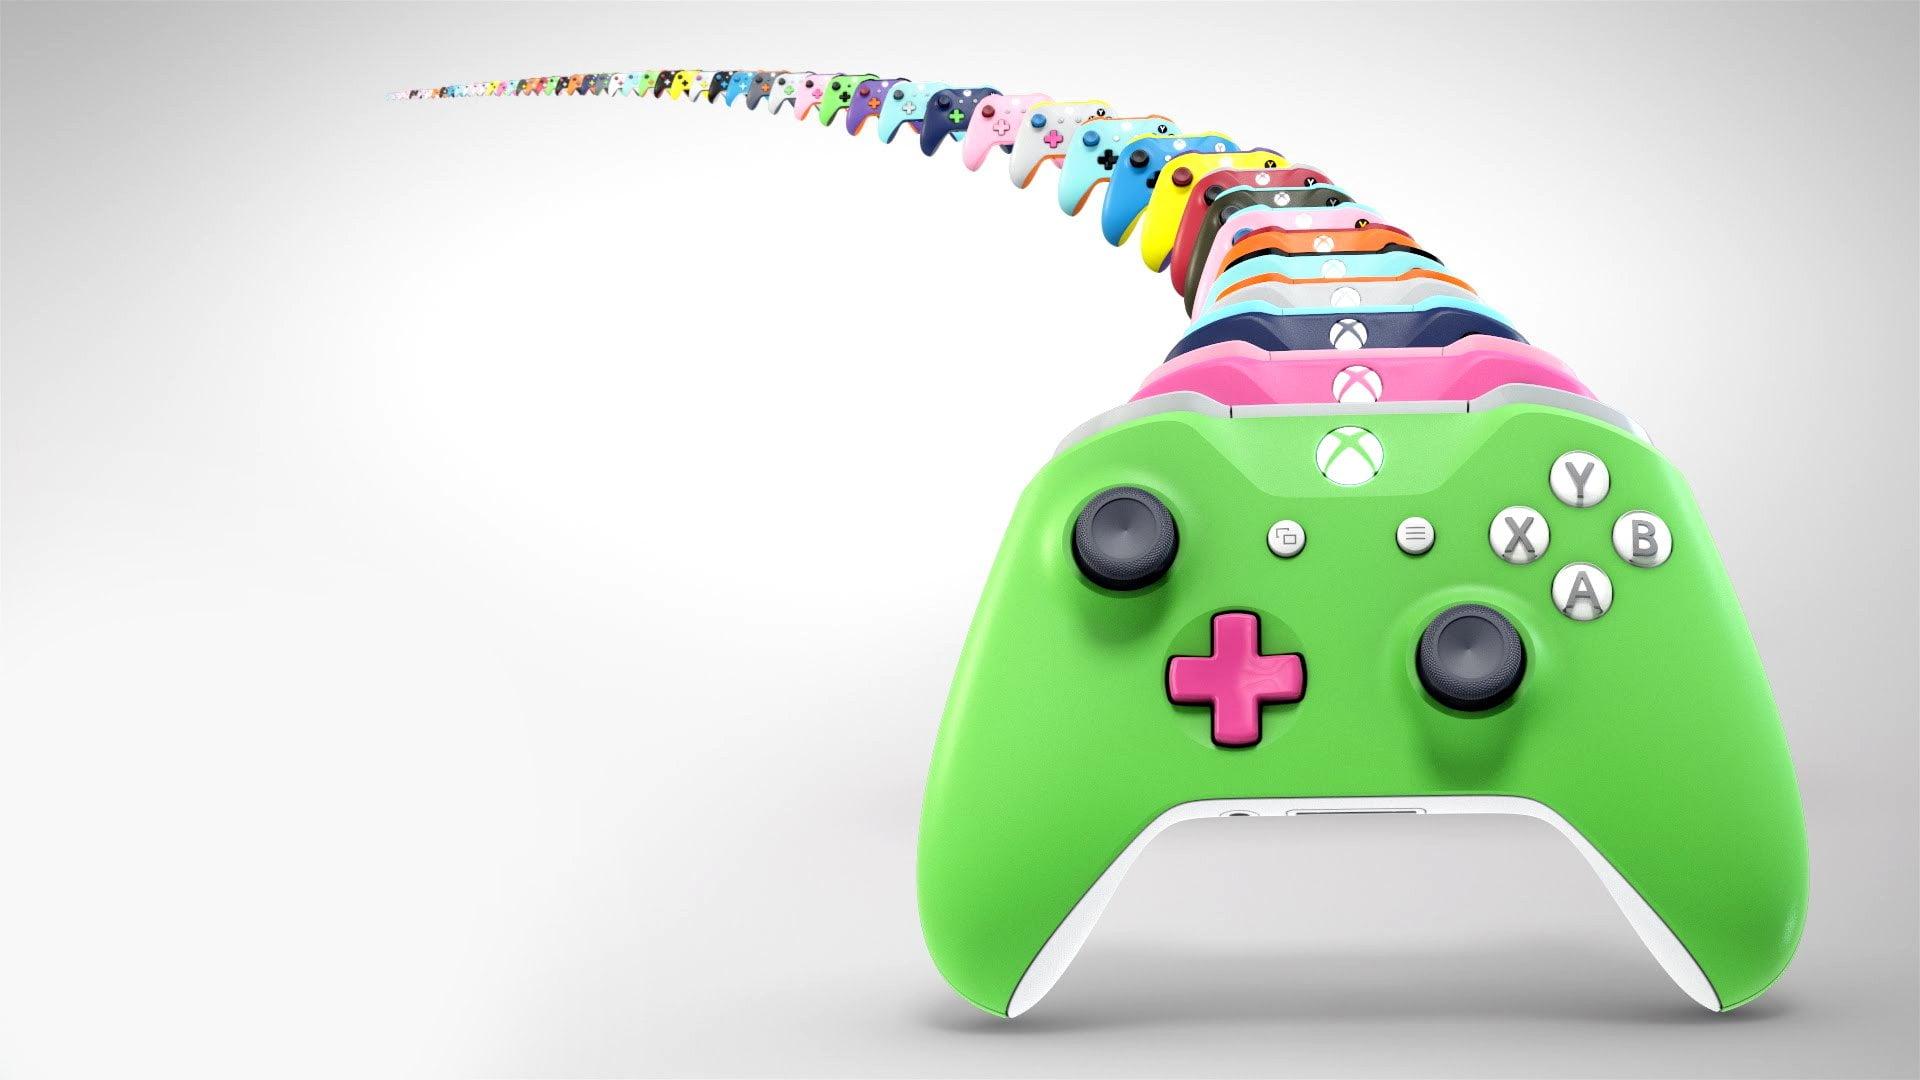 Llegan nuevos mandos de Xbox